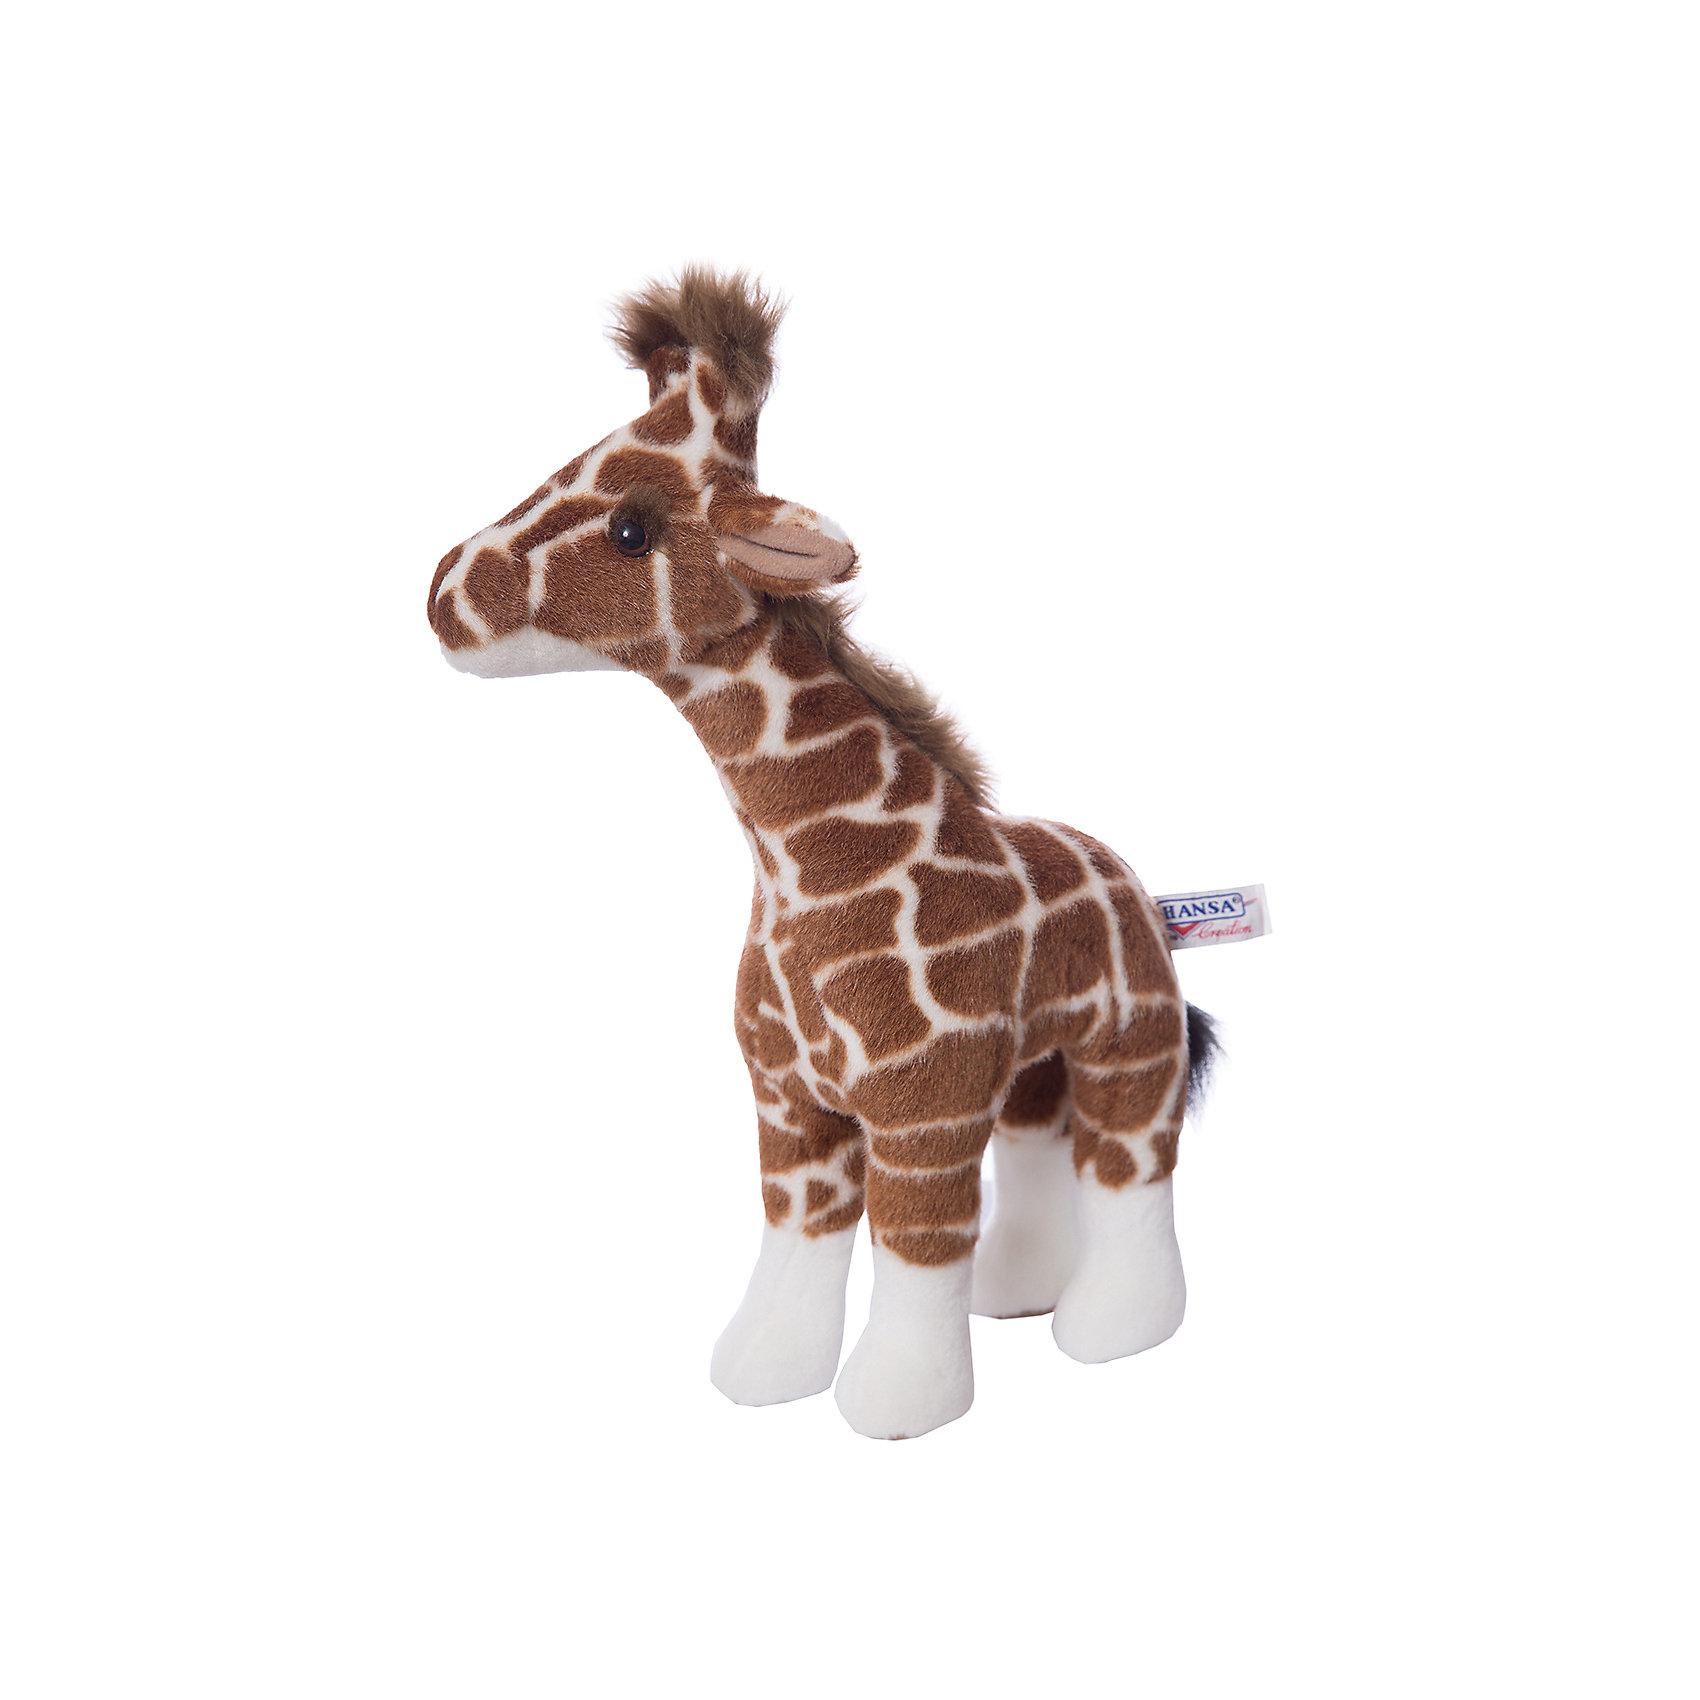 Жираф, 38 см,  HansaЗвери и птицы<br>Симпатичный пятнистый жираф 38 см от Hansa (Ханса) с милейшей мордашкой и пучком волос станет настоящим другом для Вашего малыша! Зверушка настолько обаятельная, что не оставит равнодушным никого. Игрушка сделана из приятной на ощупь ткани, внутри неё находится гипоаллергенный наполнитель, поэтому жирафа можно брать в кроватку. Африканский житель принесет в Ваш дом много радости и счастья.<br><br>Мягкая игрушка  Жираф от  Hansa (Ханса)  настолько похожа на оригинал, что ее можно было бы спутать с настоящим животным, если б не разница в размерах. Игрушка сшита вручную из искусственного меха, текстиля и иных материалов высокого качества. Также она оснащена проволочным каркасом, позволяющим придавать зверушке различные позы.  Модель может быть использована не только в качестве классической мягкой игрушки, но и как элемент декора в интерьере. Изготавливаются из искусственного меха, специально обработанного для придания схожести с мехом конкретного вида животного. <br><br>Дополнительная информация:<br><br>- Высота: 38 см;<br>- Материал: искусственный мех, металл;<br>- Размер упаковки: 38 х 12 х 22 см;<br>- Вес с упаковкой: 265 г.<br><br>Жирафа, 38 см,  Hansa (Ханса) можно купить в нашем интернет-магазине.<br><br>Ширина мм: 220<br>Глубина мм: 120<br>Высота мм: 380<br>Вес г: 265<br>Возраст от месяцев: 36<br>Возраст до месяцев: 144<br>Пол: Унисекс<br>Возраст: Детский<br>SKU: 3563688